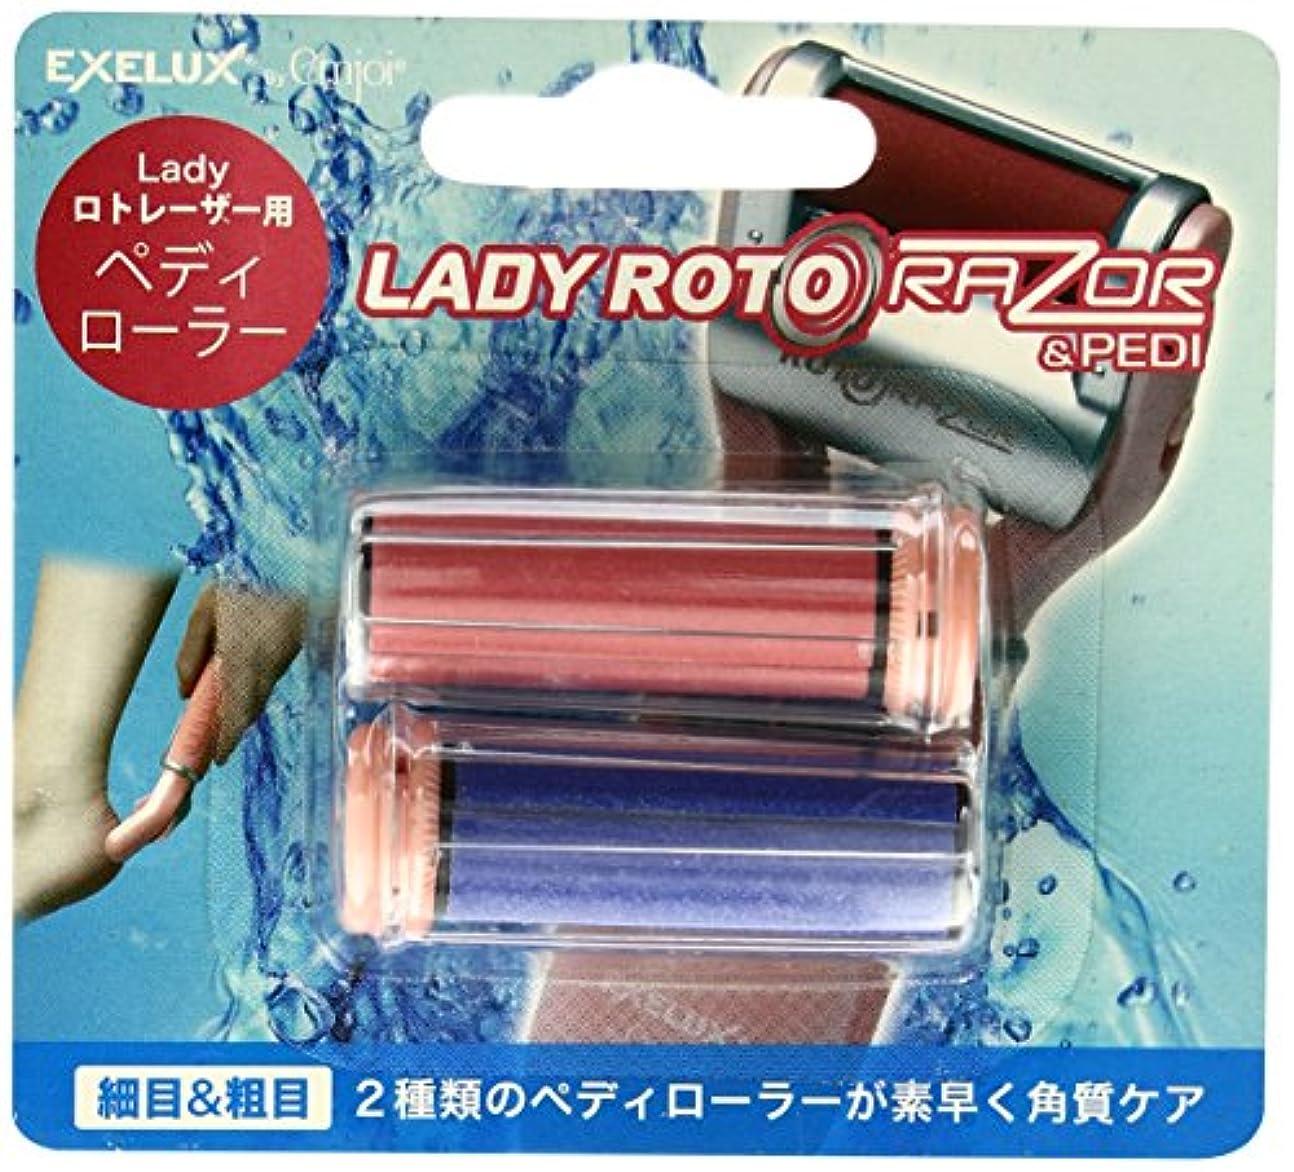 荒野似ているネットmetex Lady ロトレーザー & Pedi用ペディローラー EJRR-LP2